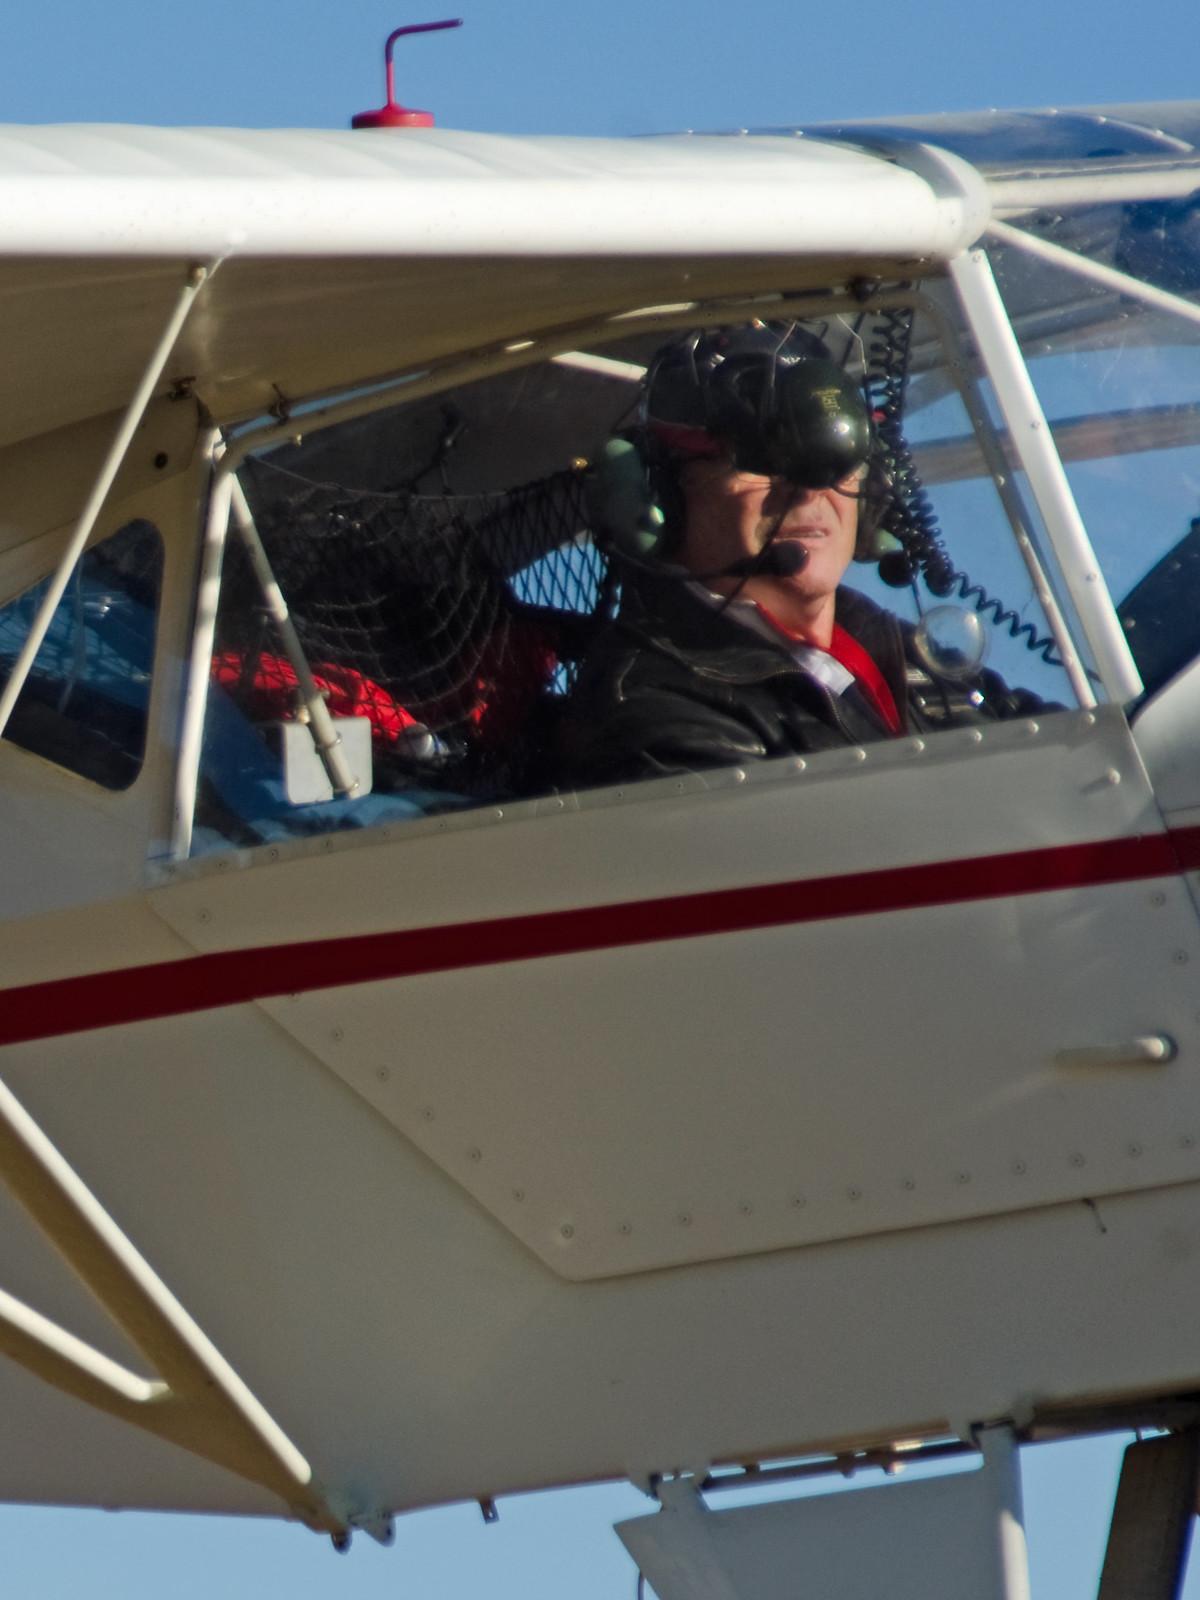 Vuelo Roberto Jabiru UL-450 Aerodromo Kitfox vuelo Astorga (141)